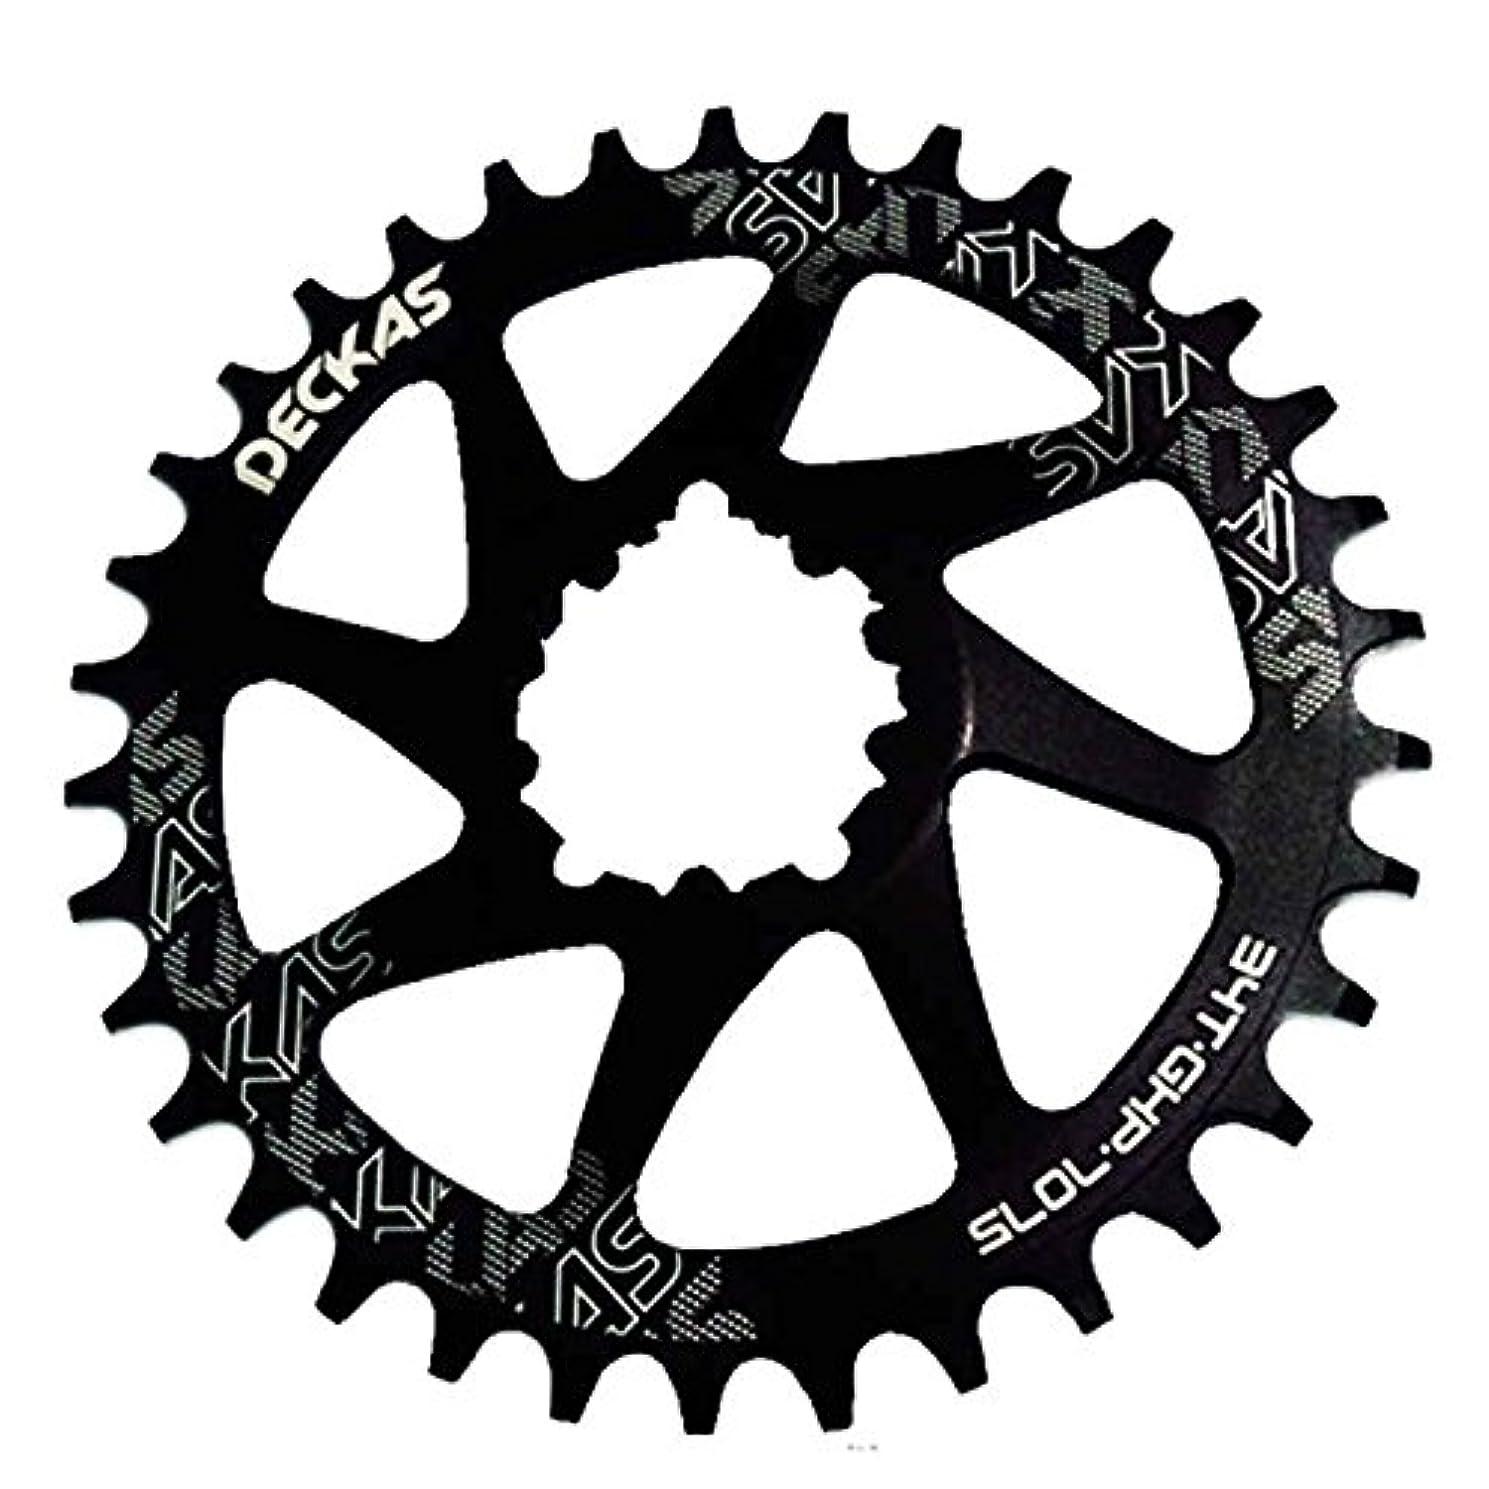 ベギンバスルーム城Propenary - GXP bicycle crankset Al 7075 CNC32T 34T Narrow Wide Chainring Chainwheel for Sram XX1 XO1 X1 GX XO...